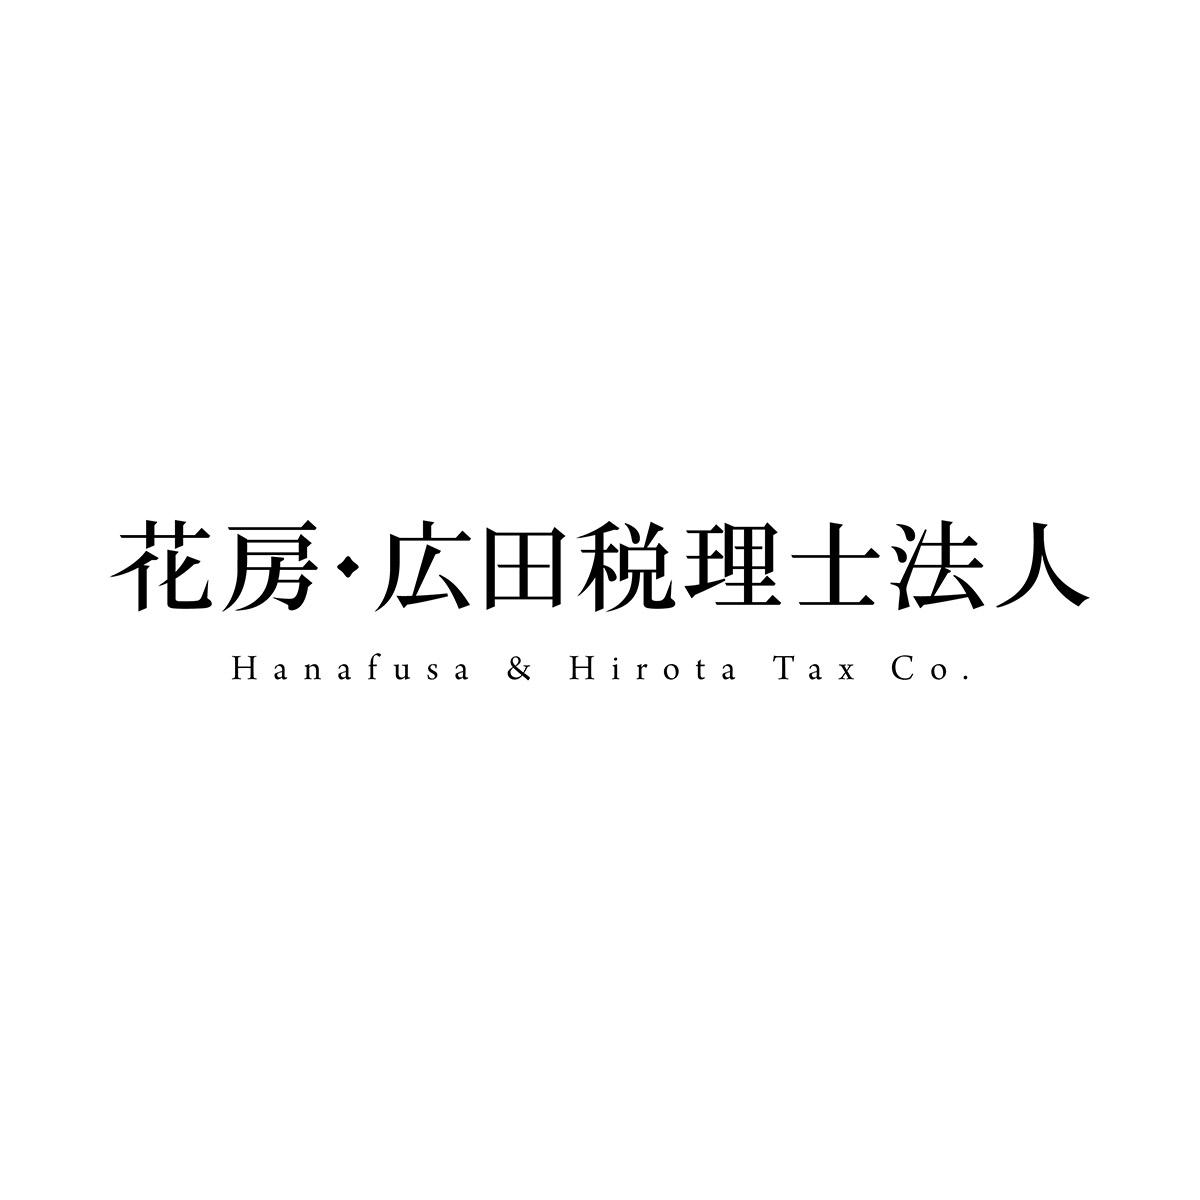 花房・広田税理士法人